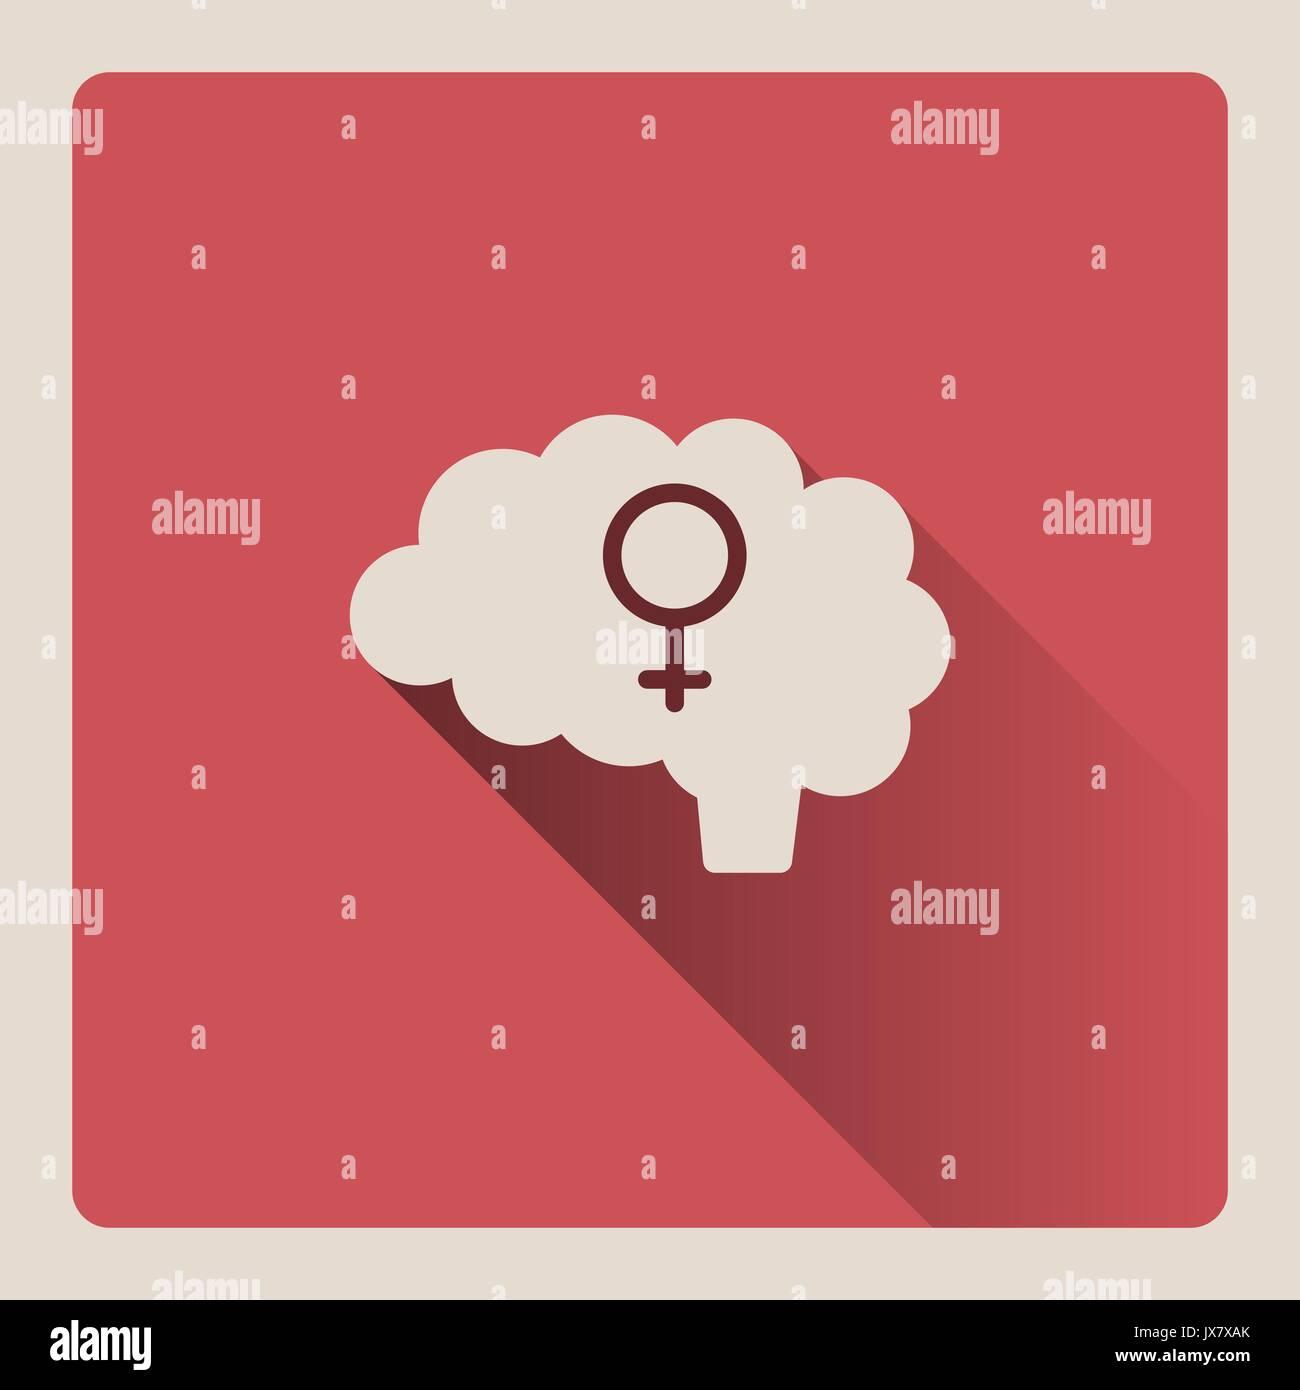 Ilustración cerebral femenina en la plaza roja con la sombra de fondo Imagen De Stock